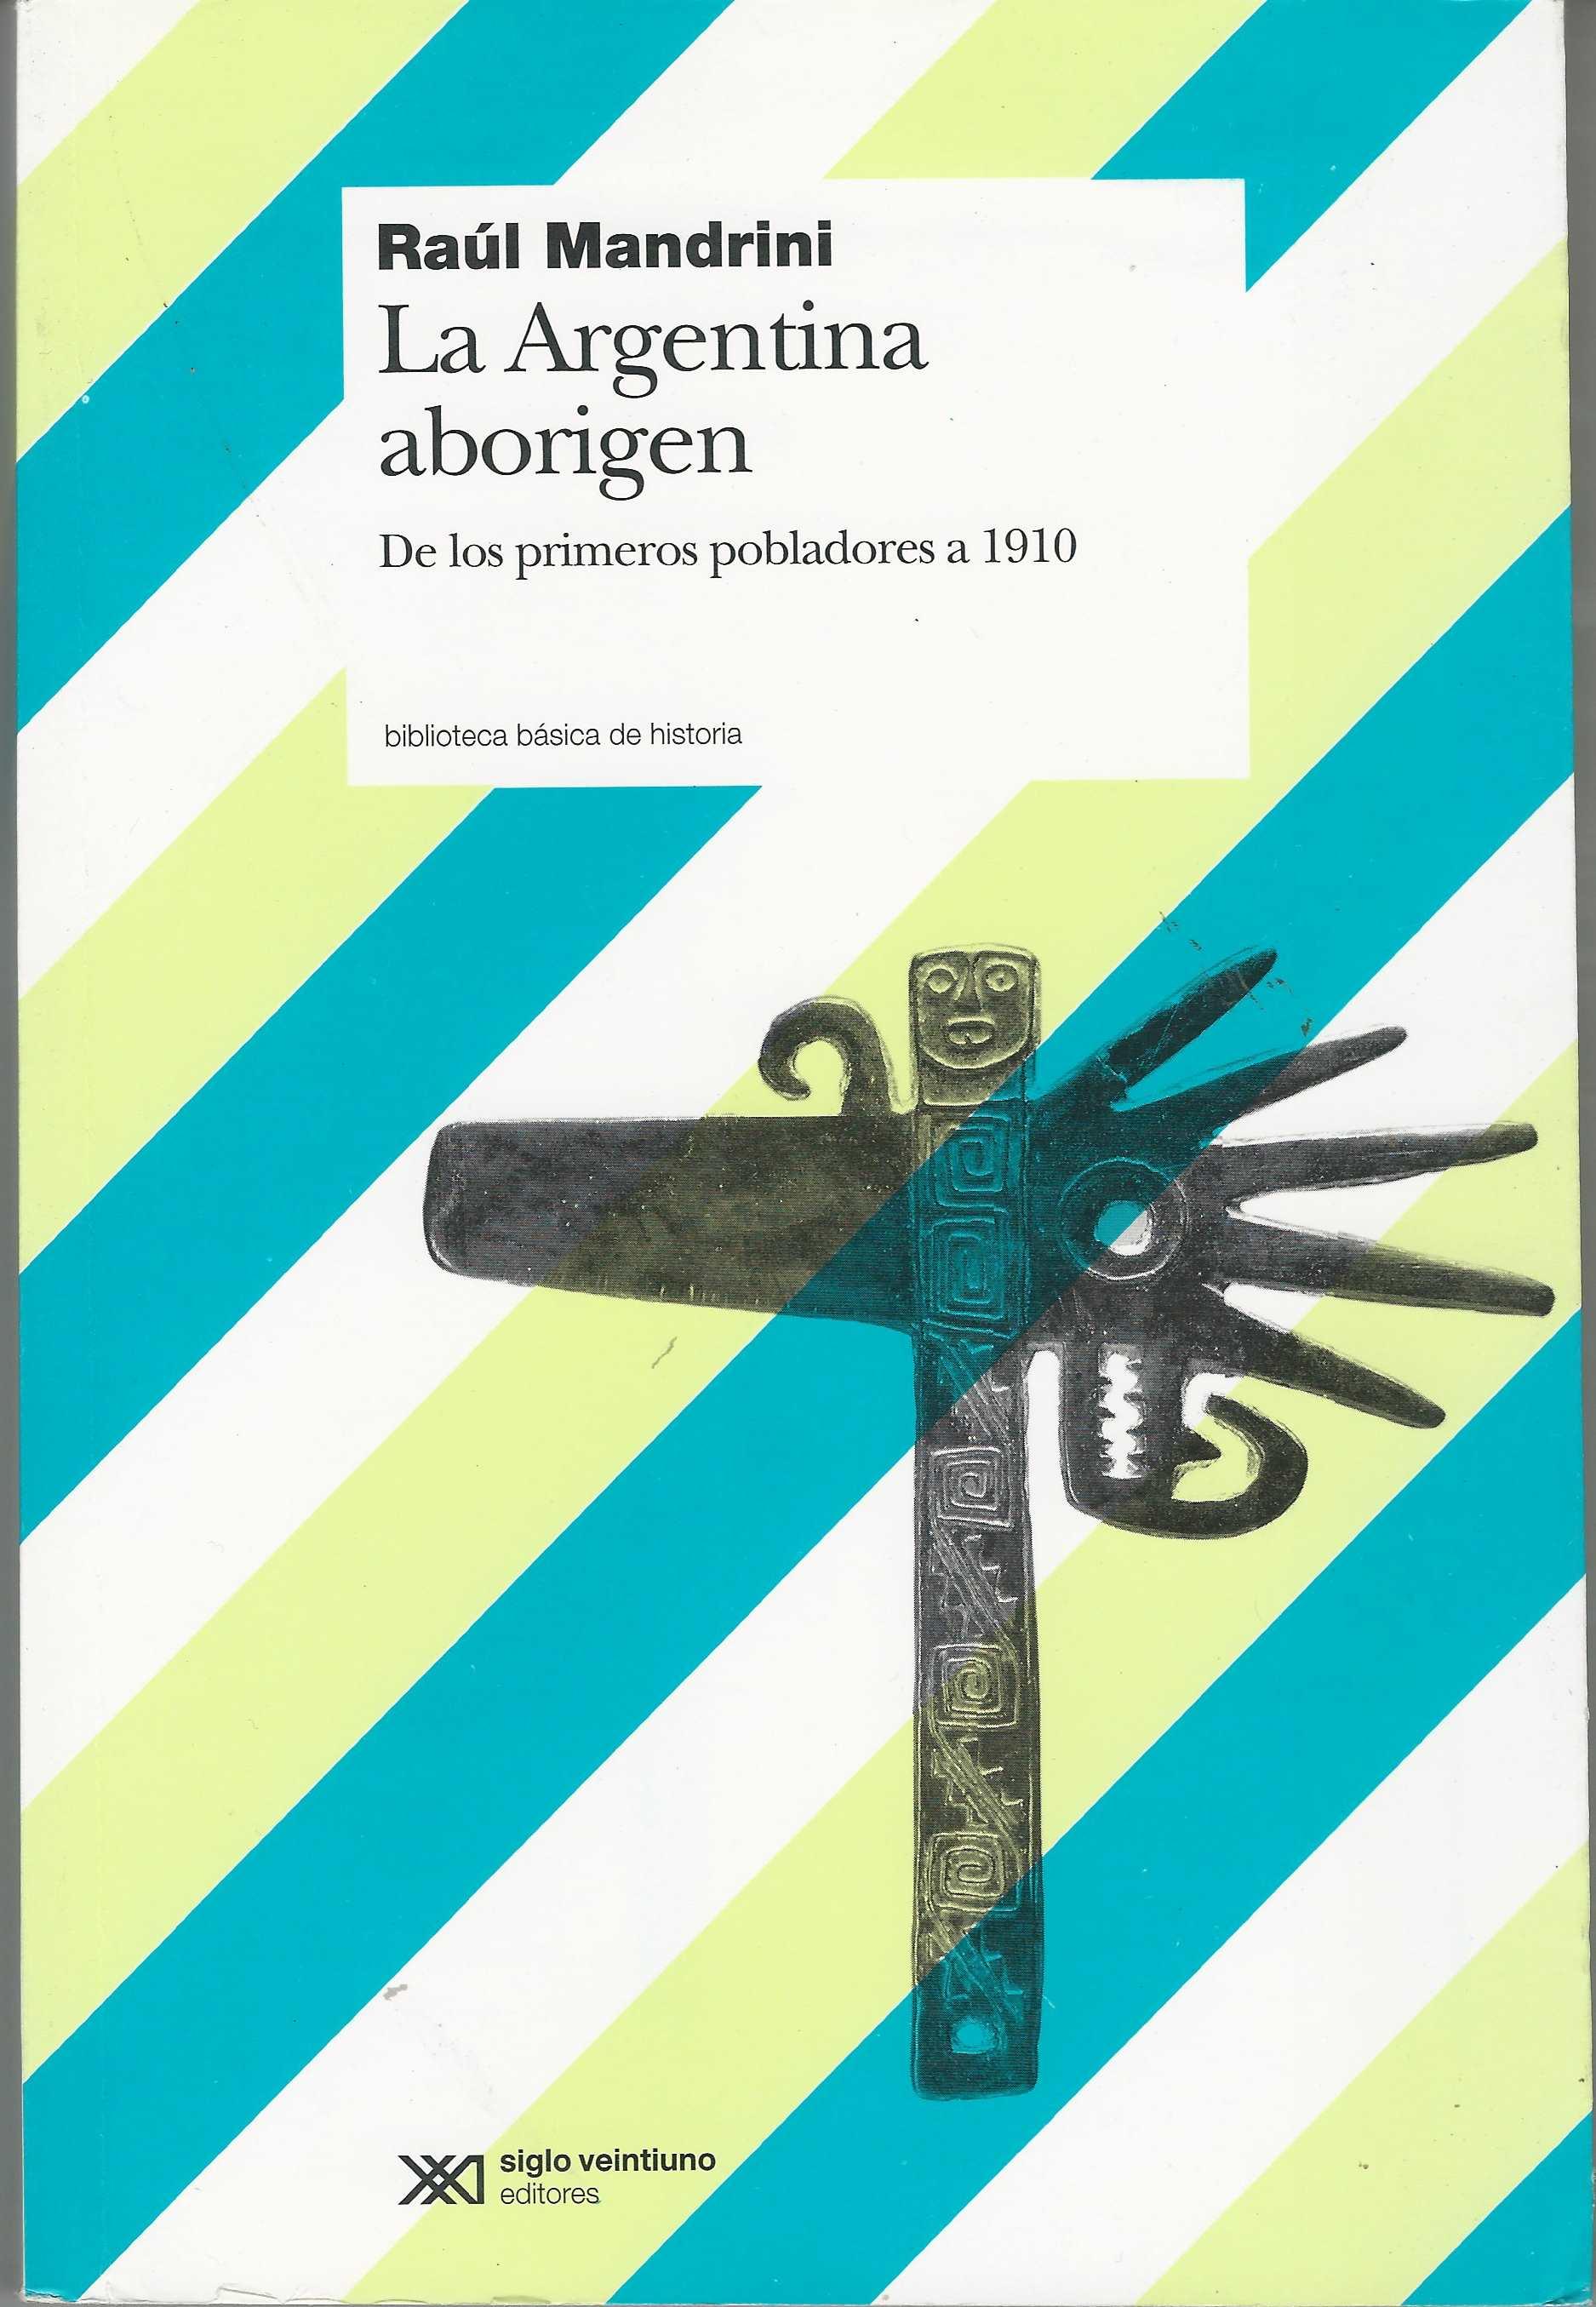 La Argentina aborigen. De los primeros pobladores a 1910